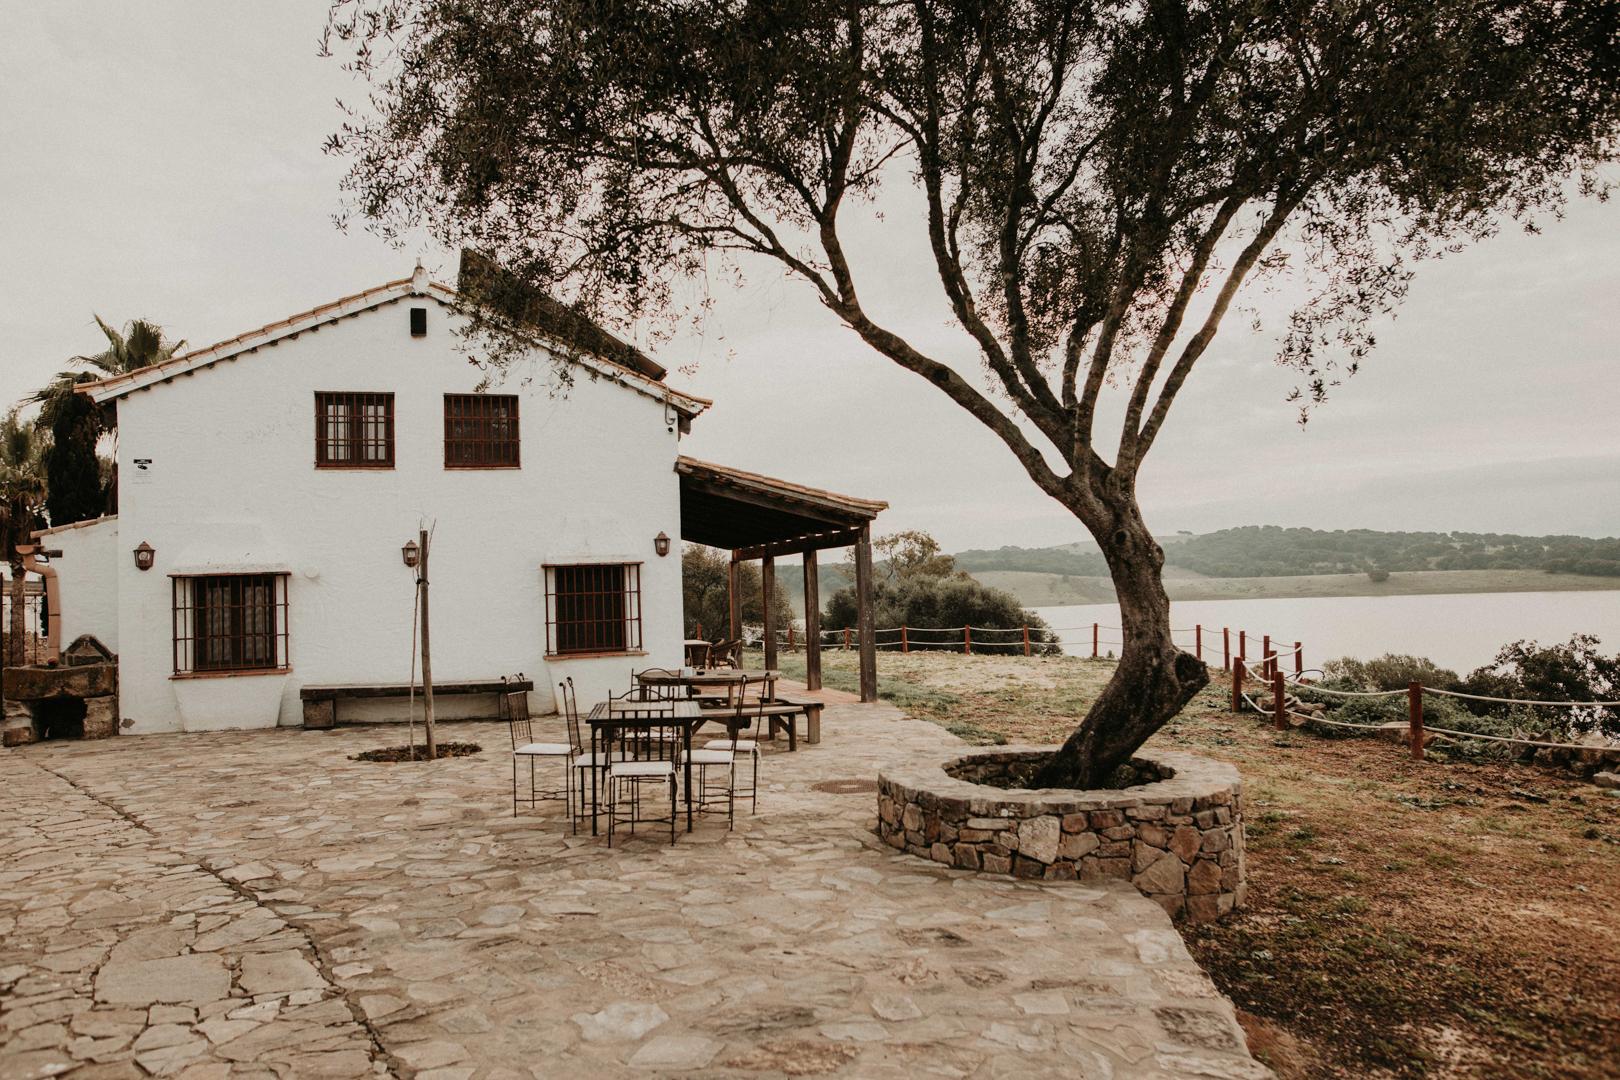 lake wedding venue spain-25.jpg